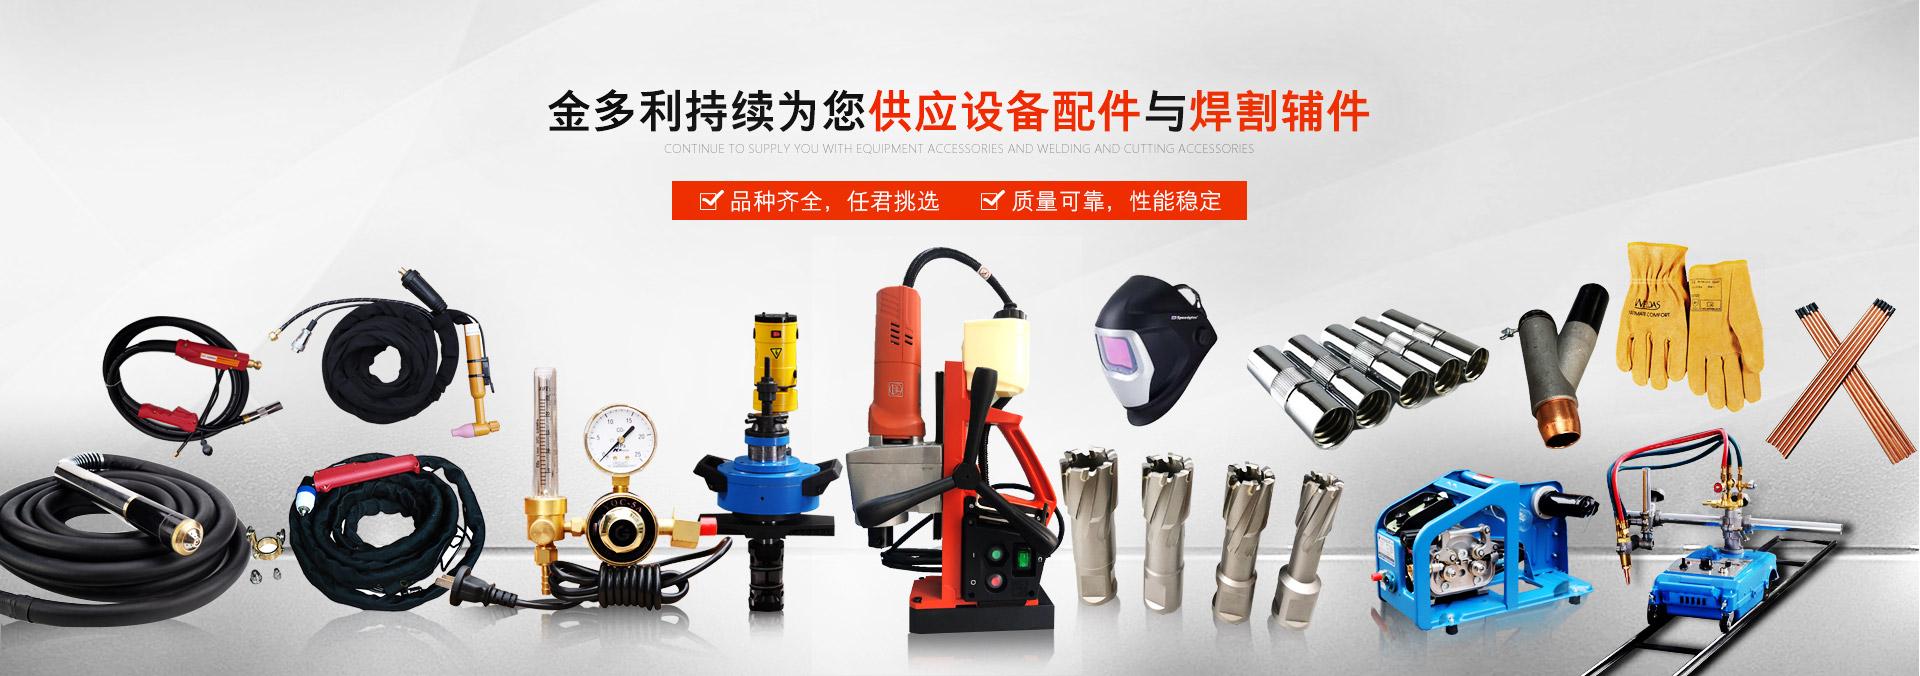 金多利持续为您供应设备配件与焊割辅件